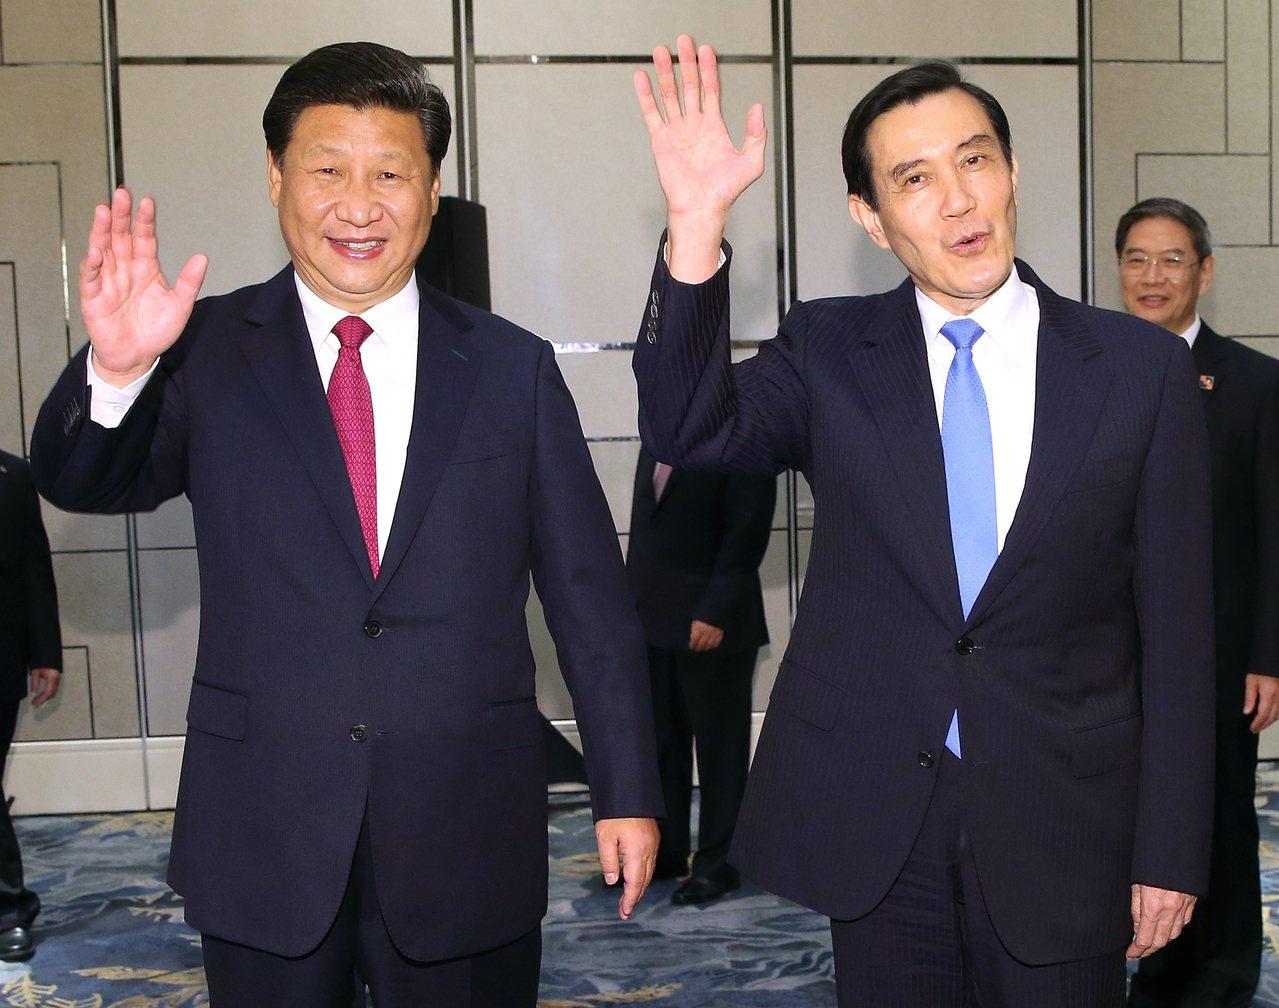 2015年馬習會,大陸國家主席習近平(左)、前總統馬英九(前右)。 報系資料照